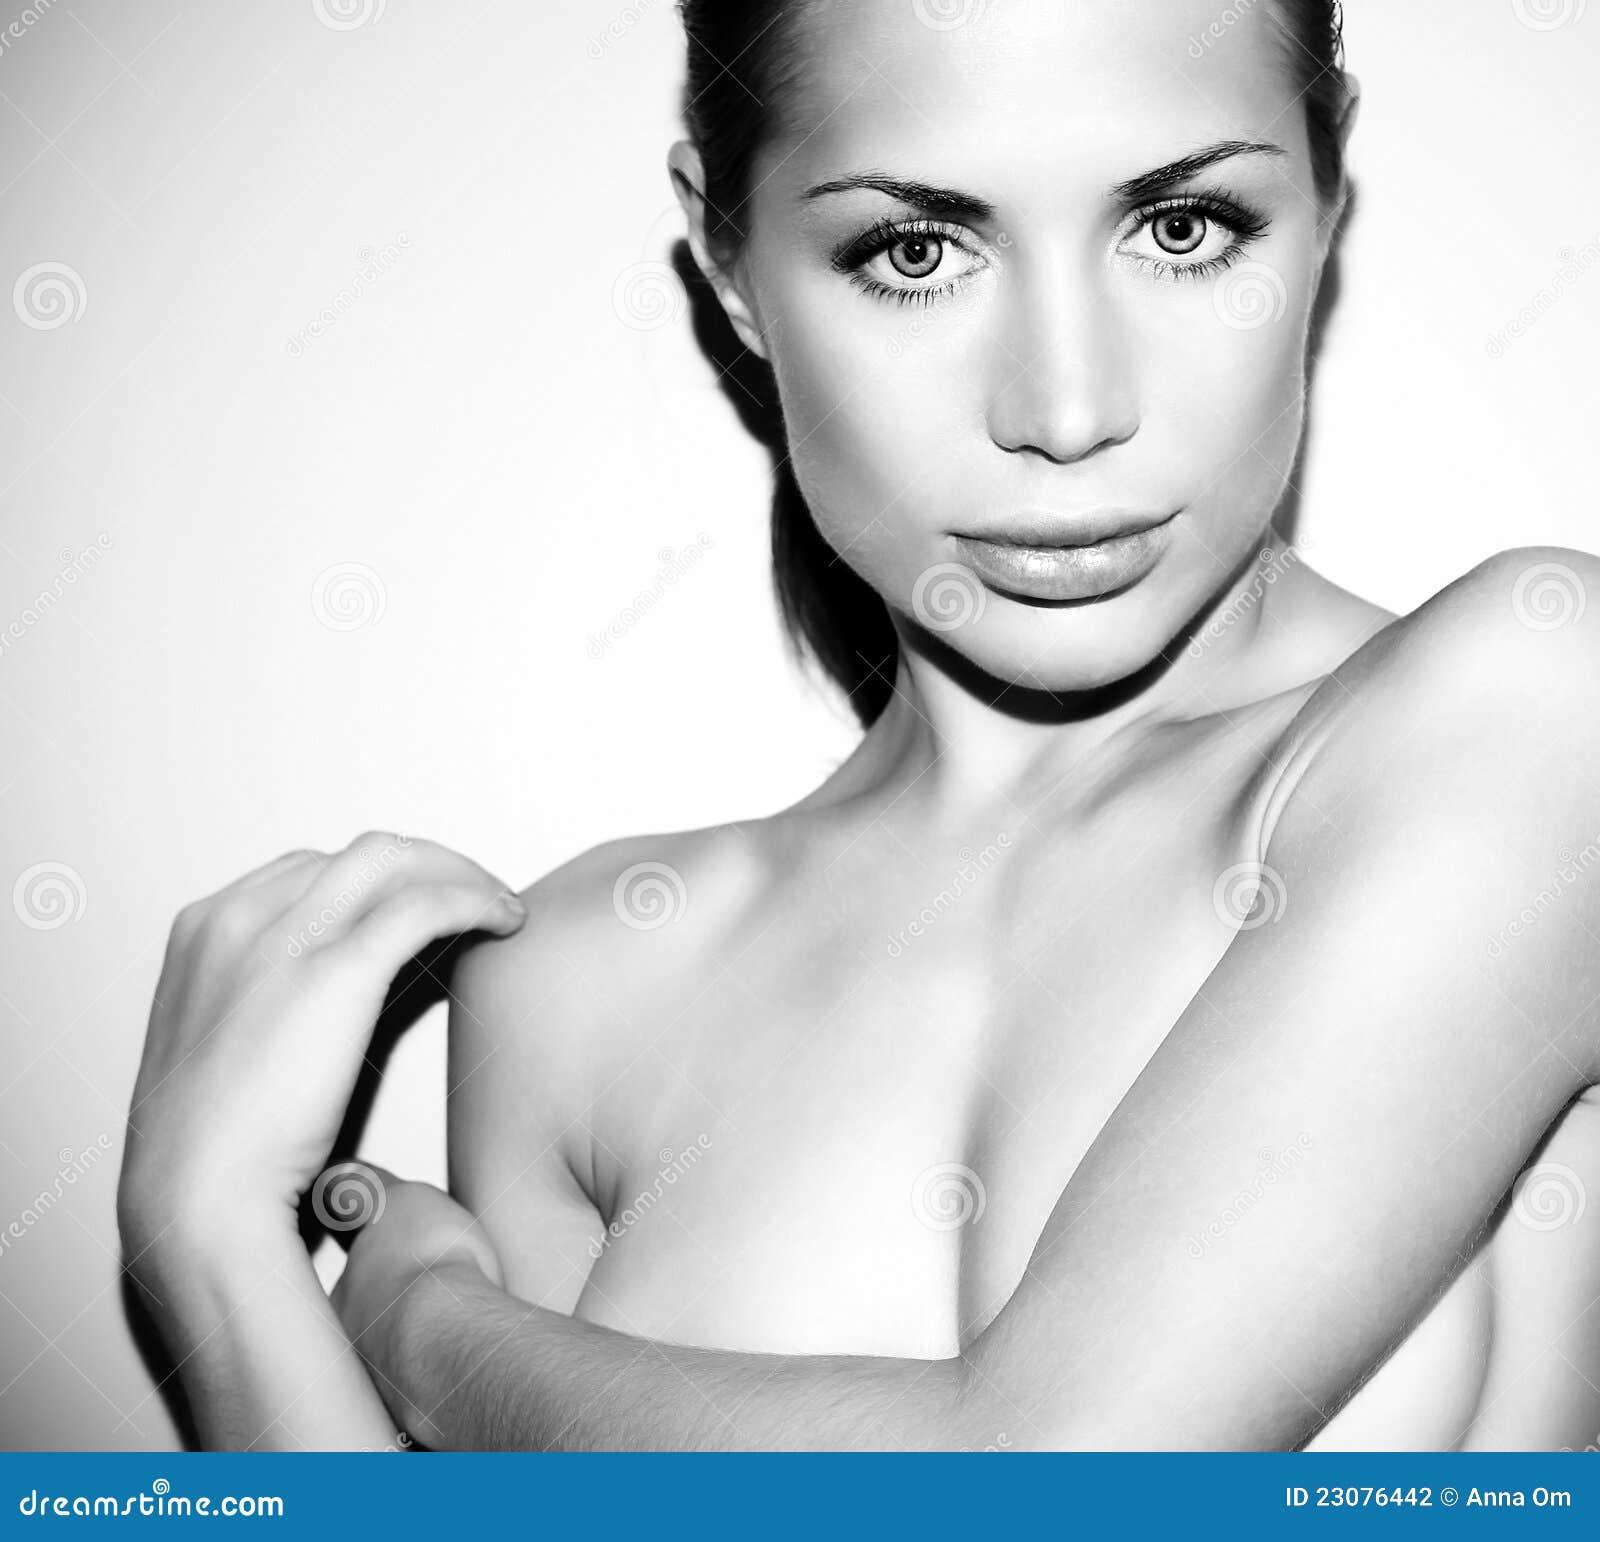 Glamor Nude Photos 21